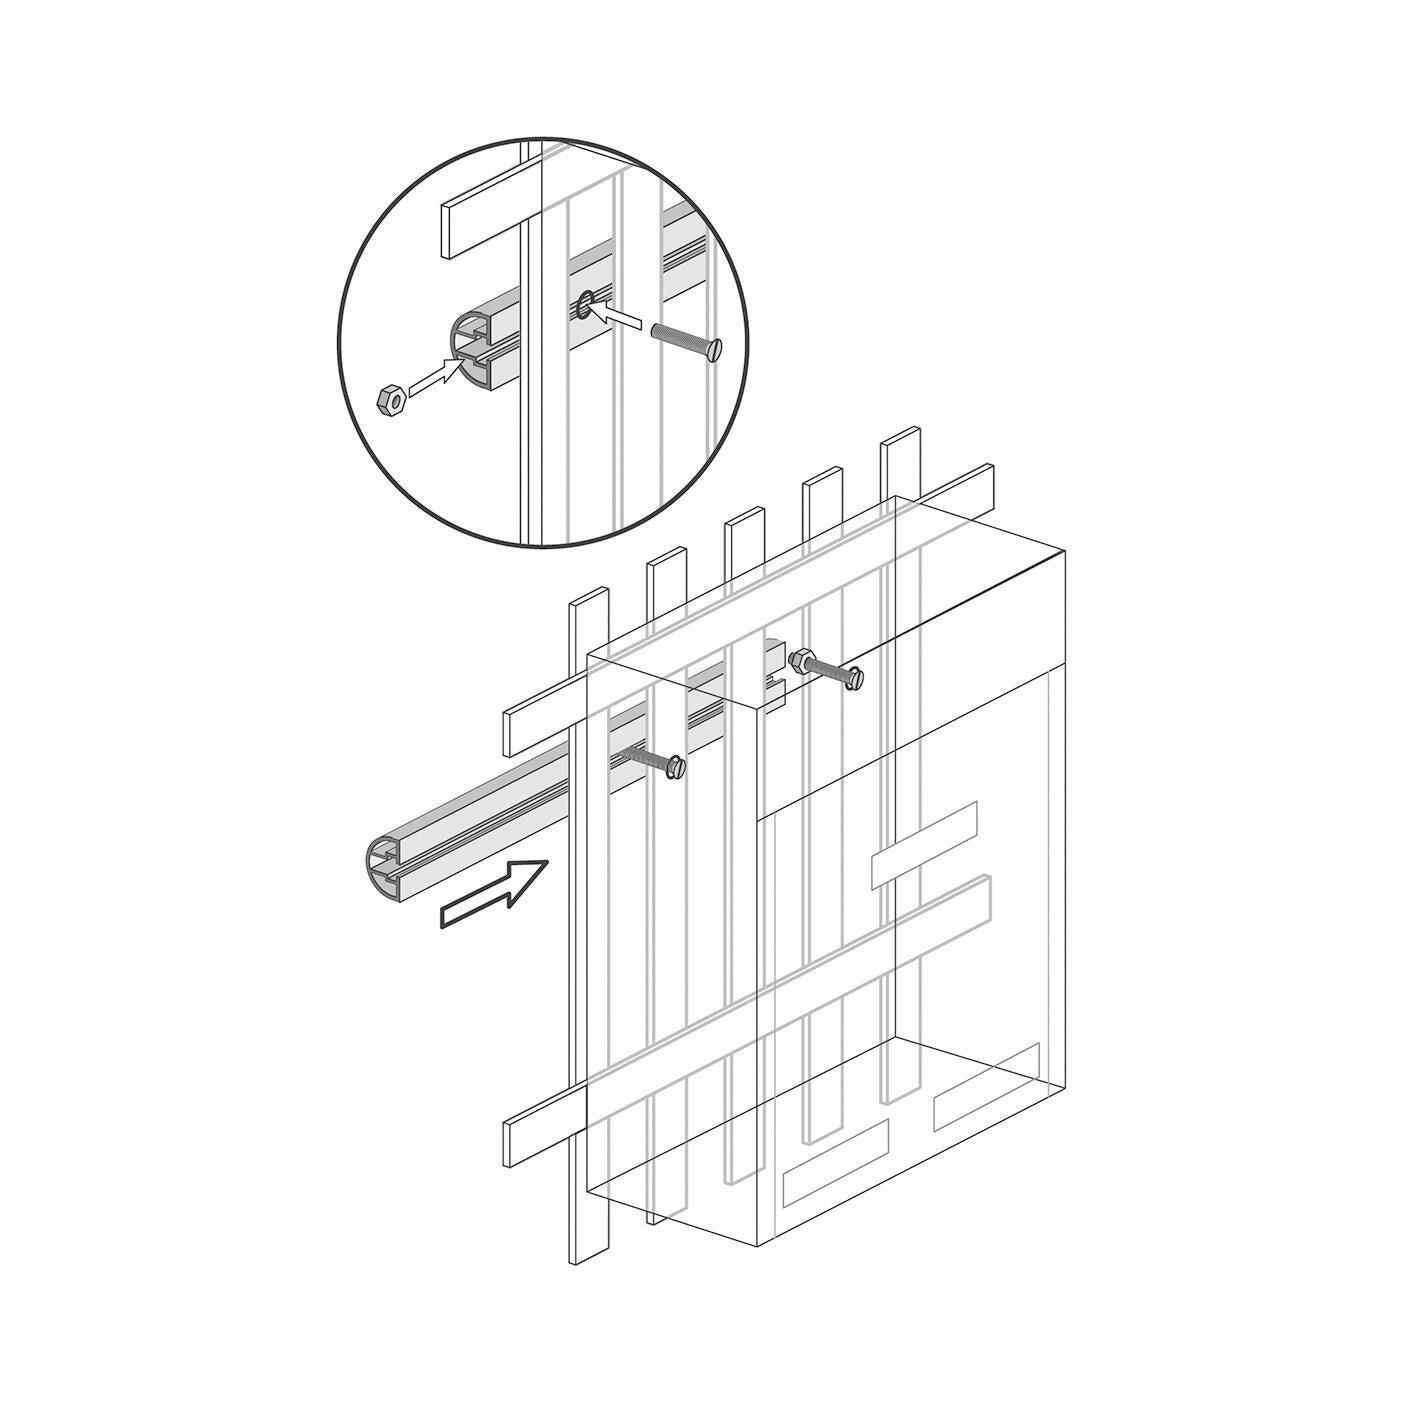 Kit di fissaggio Traversini in alluminio L 26 x H 2 cm - 3